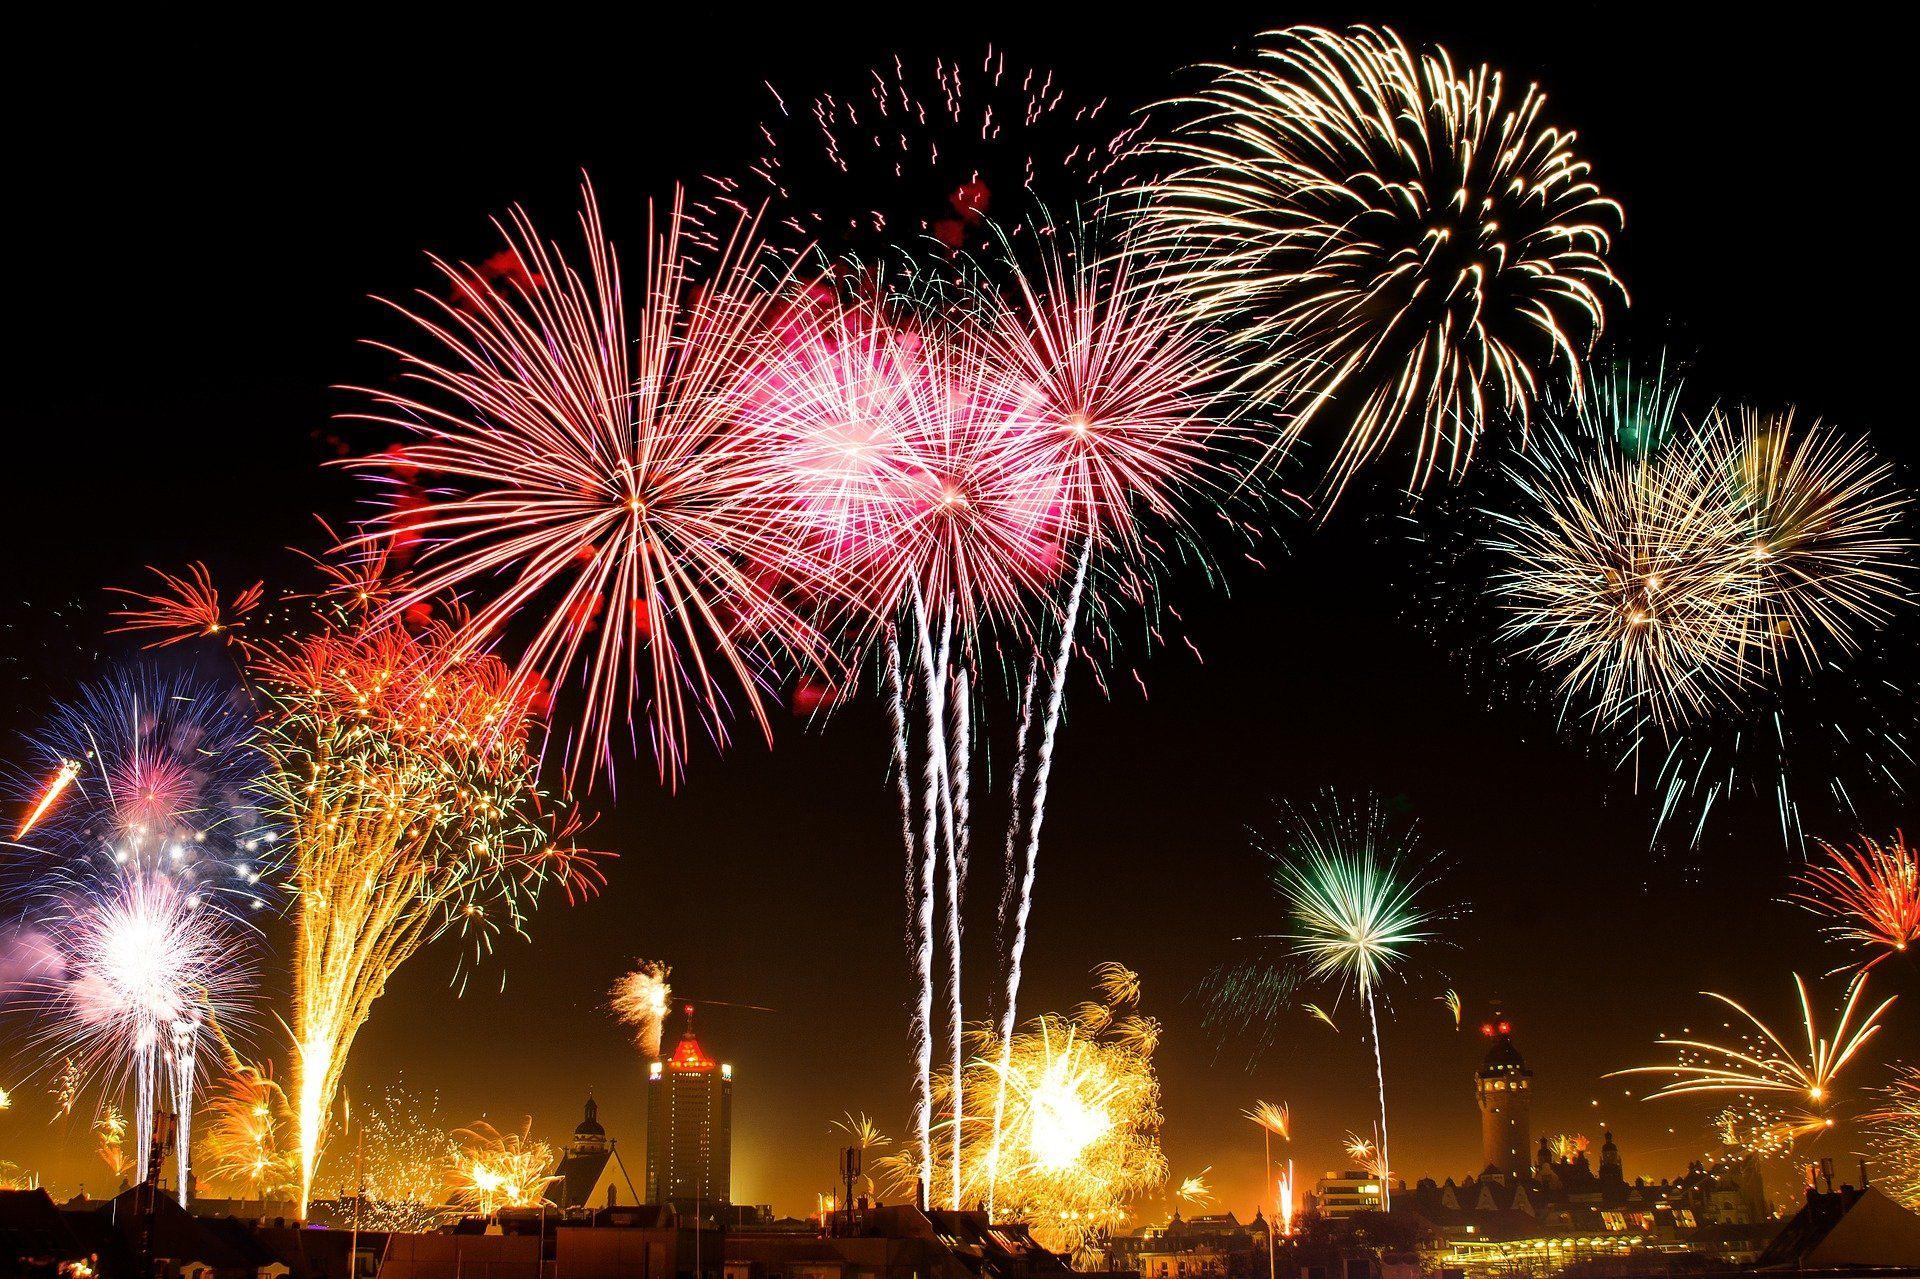 Люди верят в то, что Новый год обнулит их проблемы